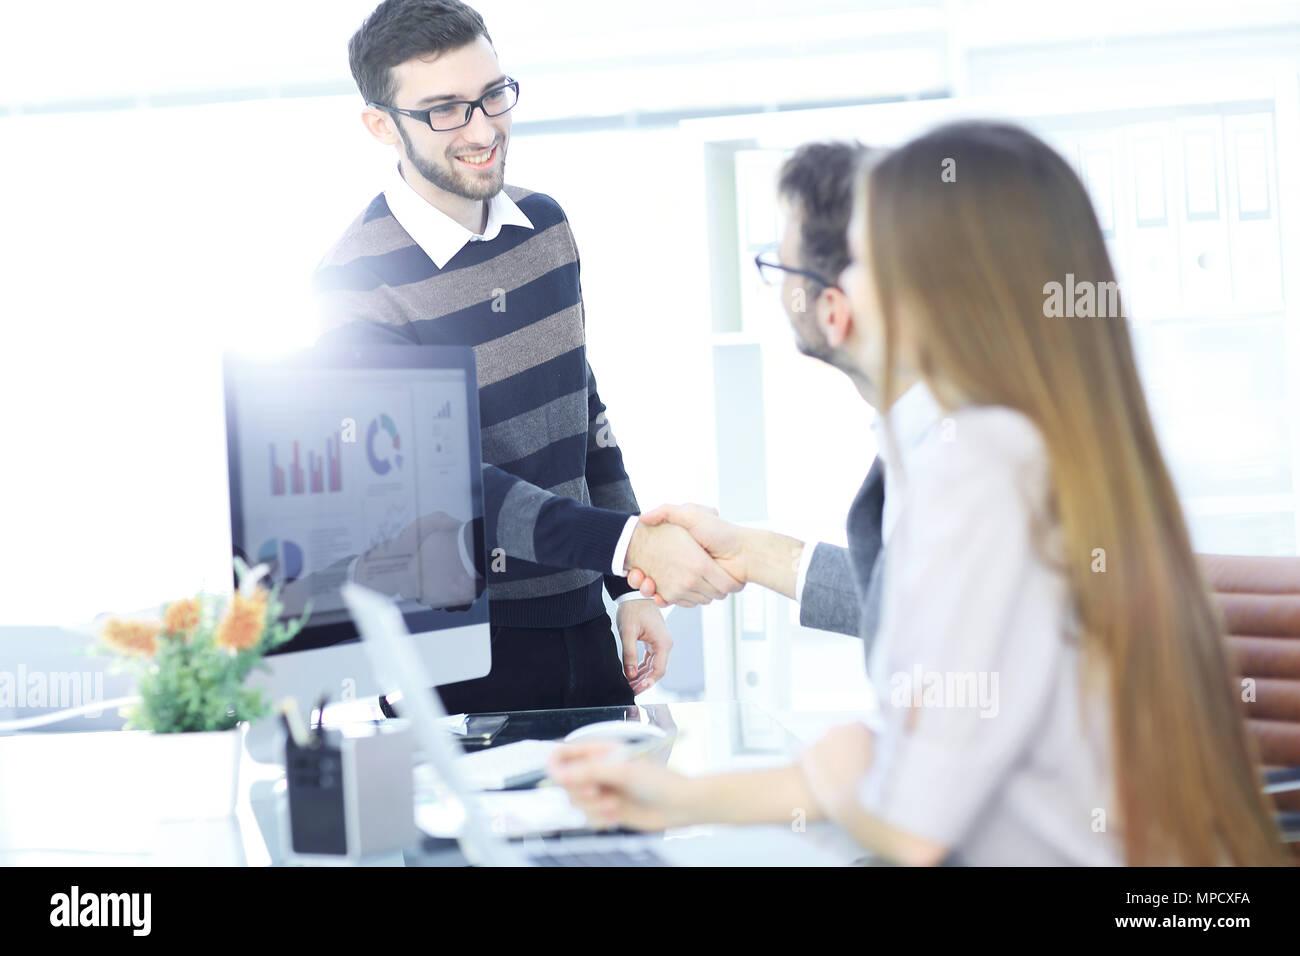 Acoge con satisfacción el cliente Manager con un apretón de manos Imagen De Stock